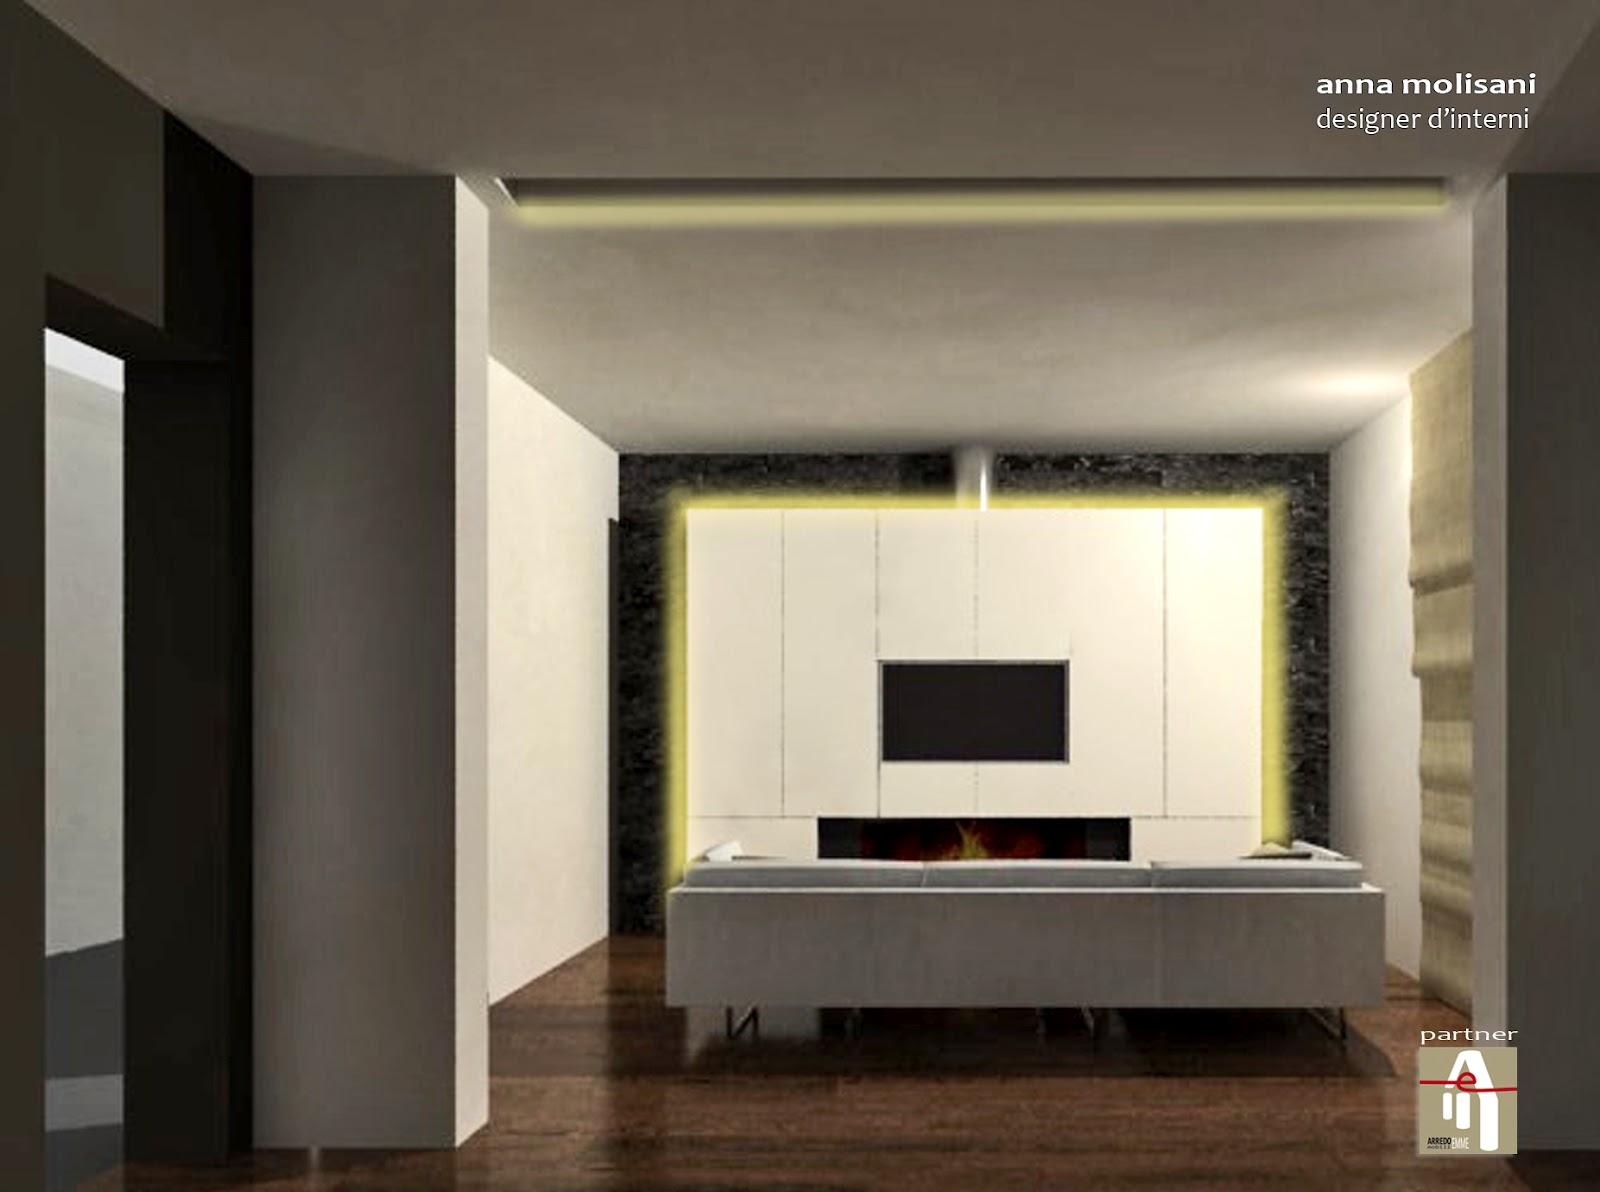 PROGETTO d'ARREDO_ SOGGIORNO con camino e angolo accoglienza _  Anna Molisani _ interior designer